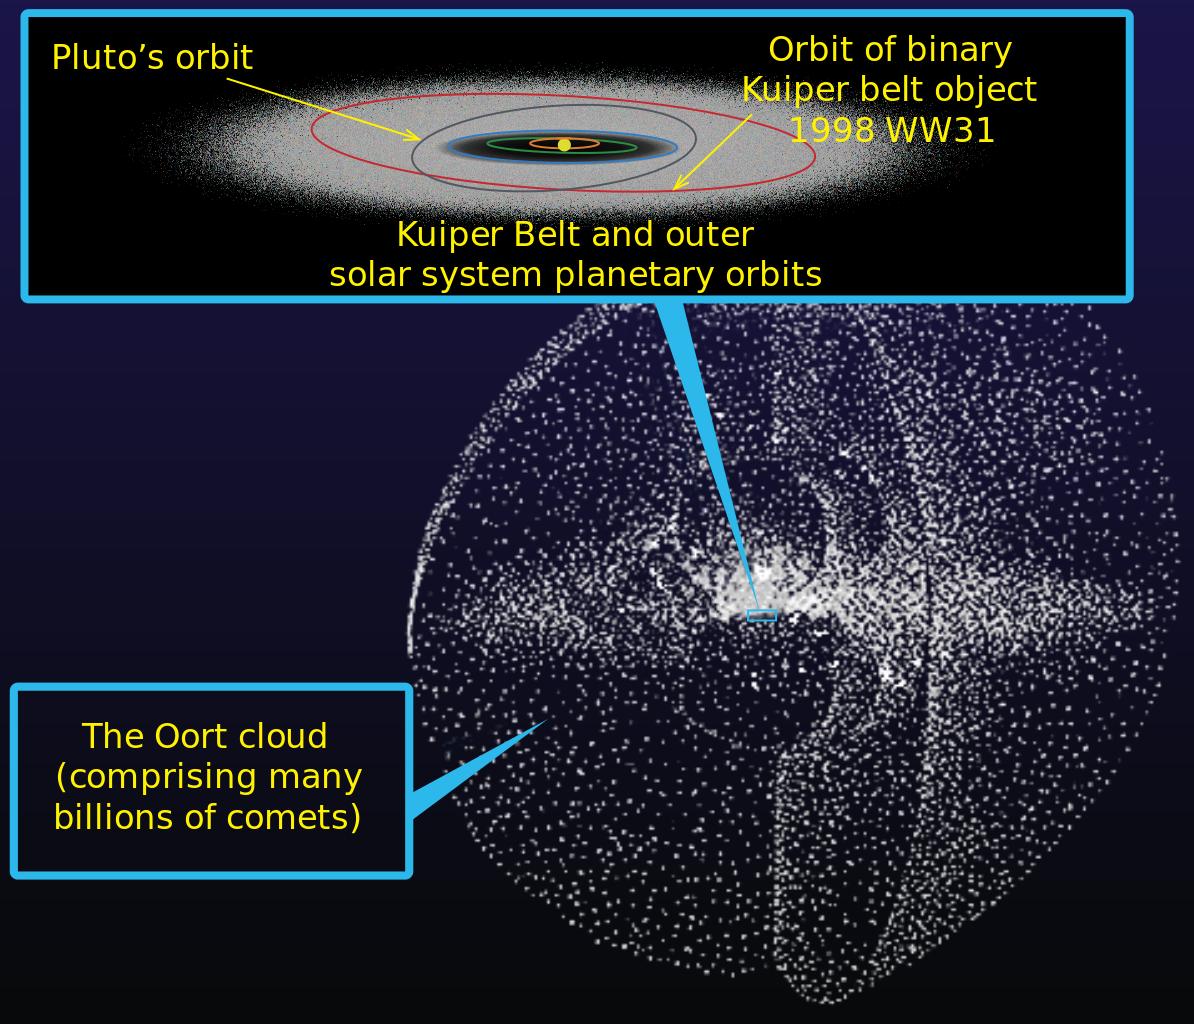 Kuiper_belt_-_Oort_cloud-en.png